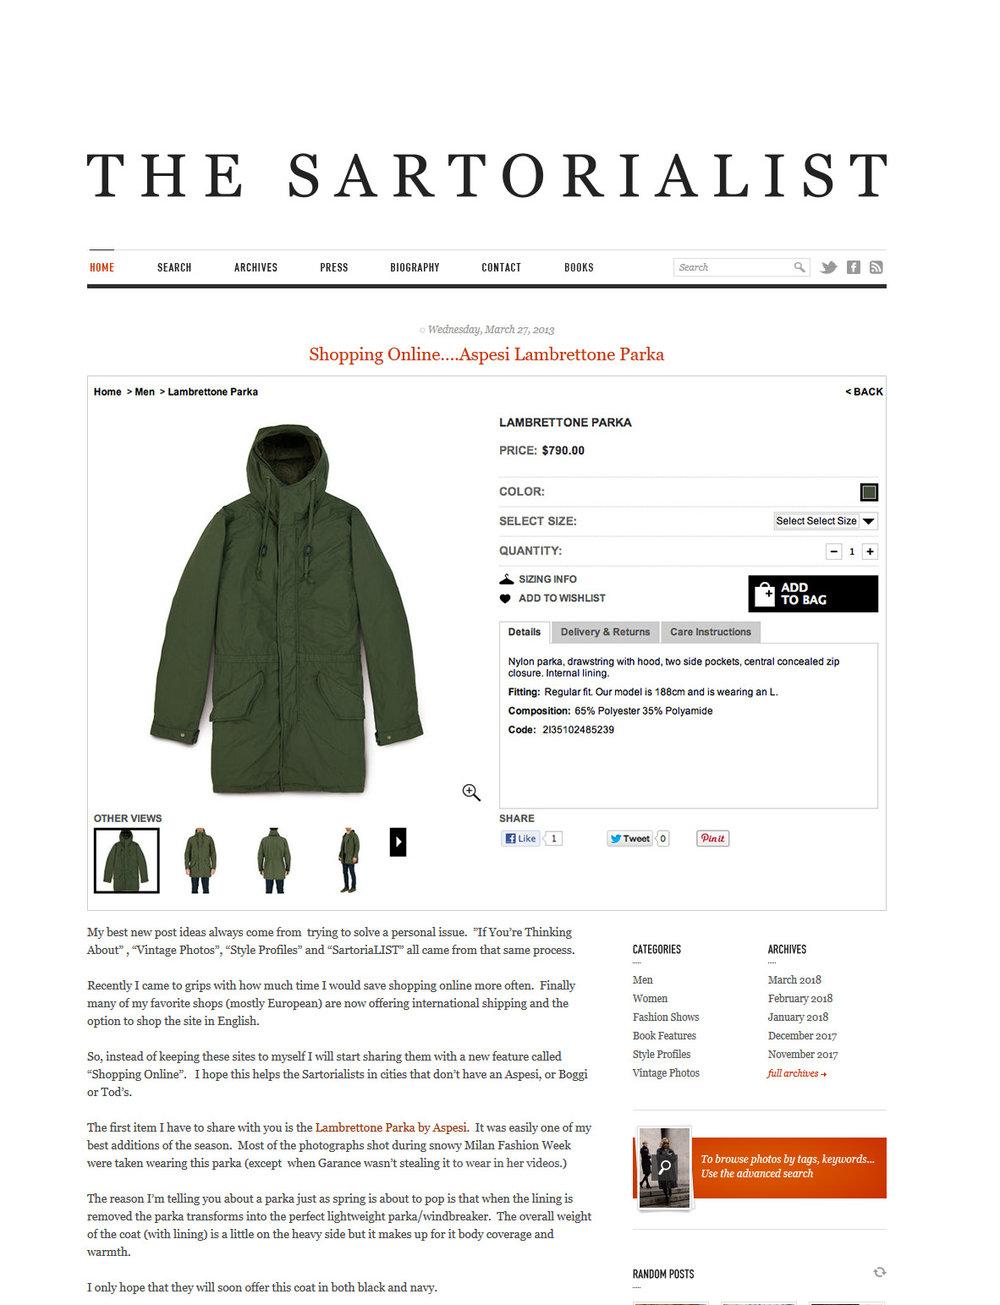 On a retrouvé un des longs articles de Scott Schuman mettant en avant la marque